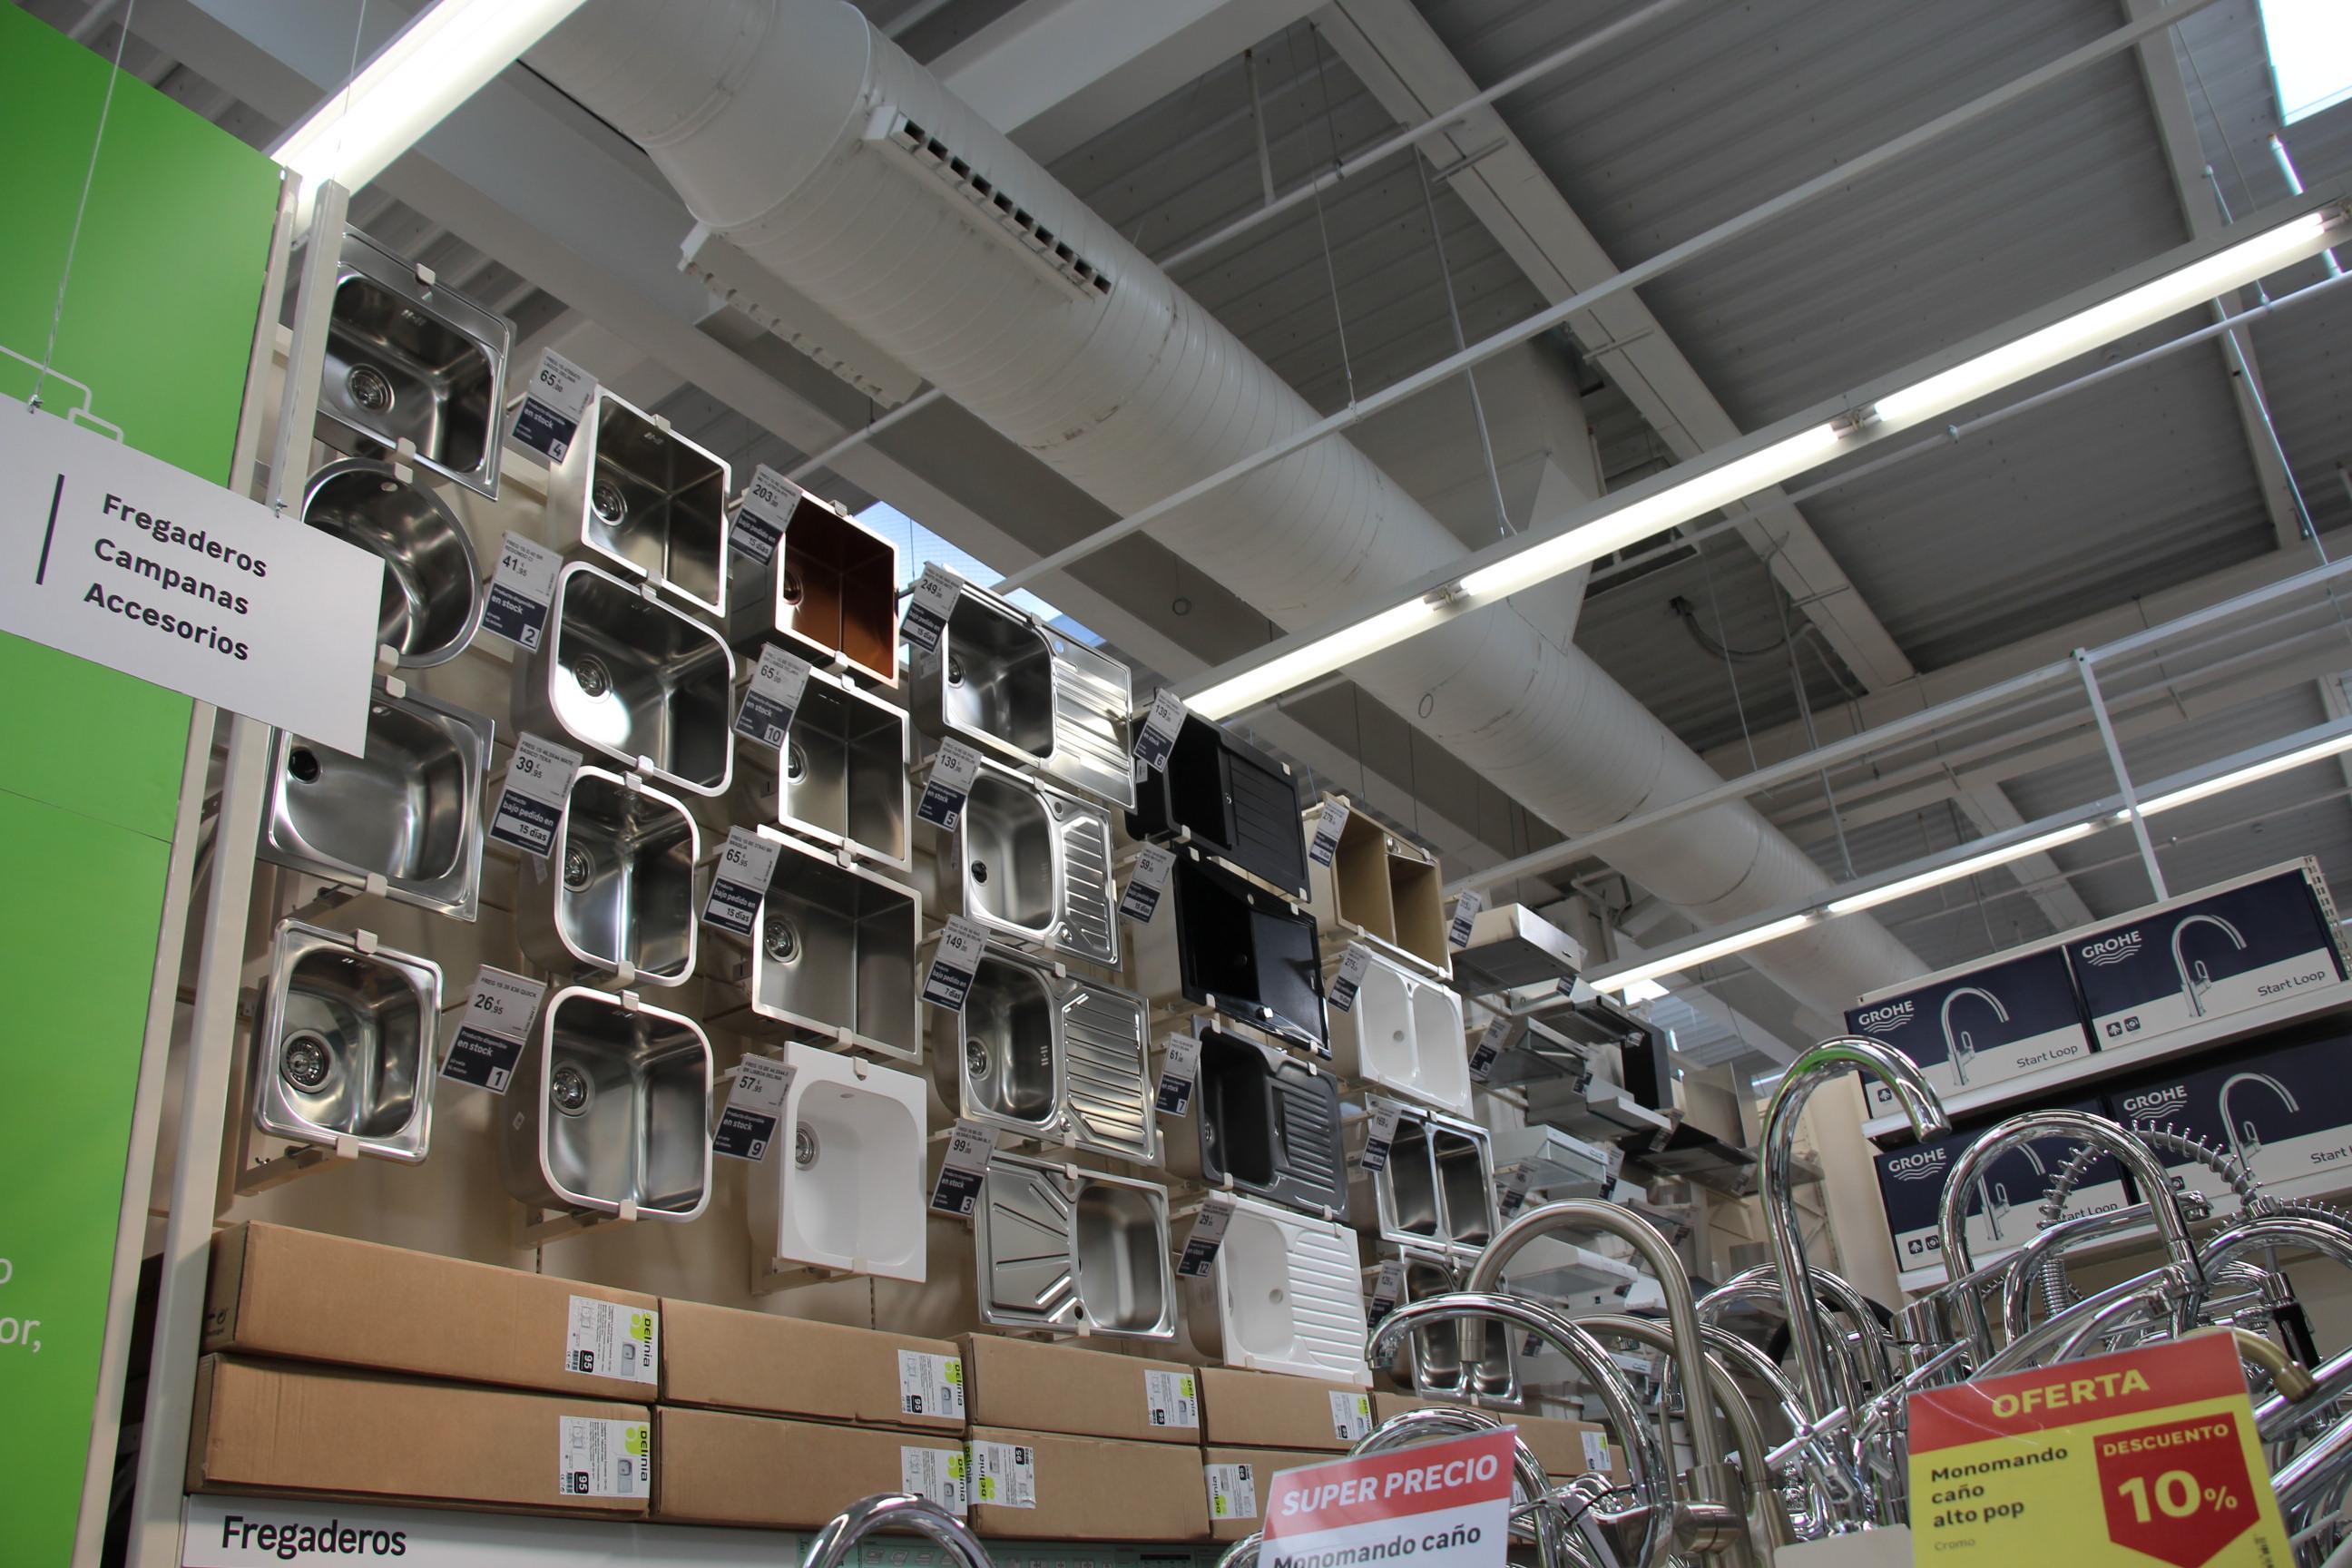 Es una tienda-almacén. Ha primado la cantidad de productos sobre todo lo demás